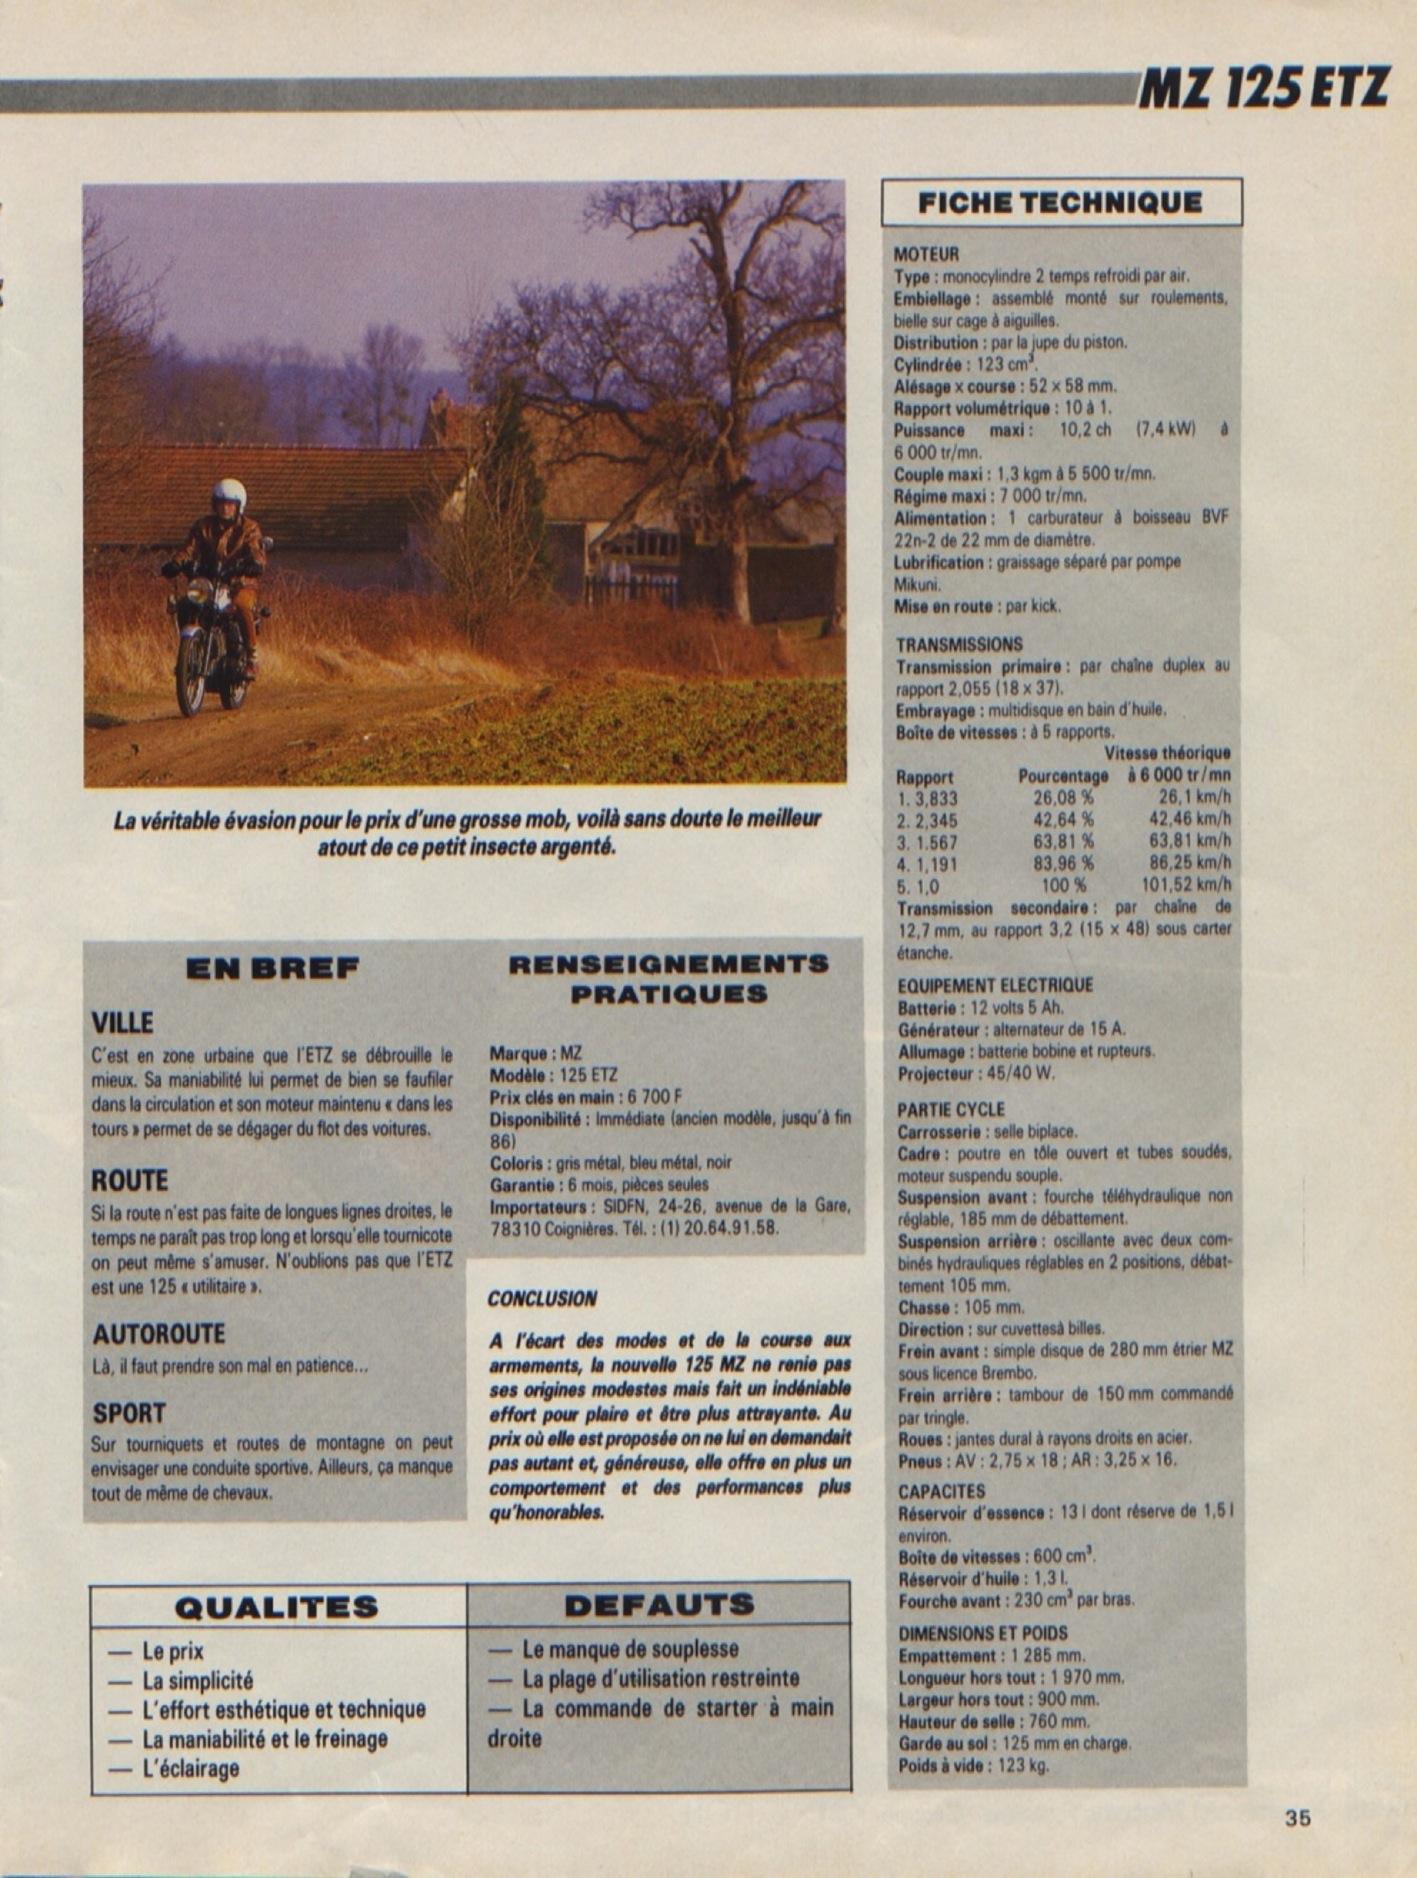 essai moto journal 1986 125 etz 721269Scan8